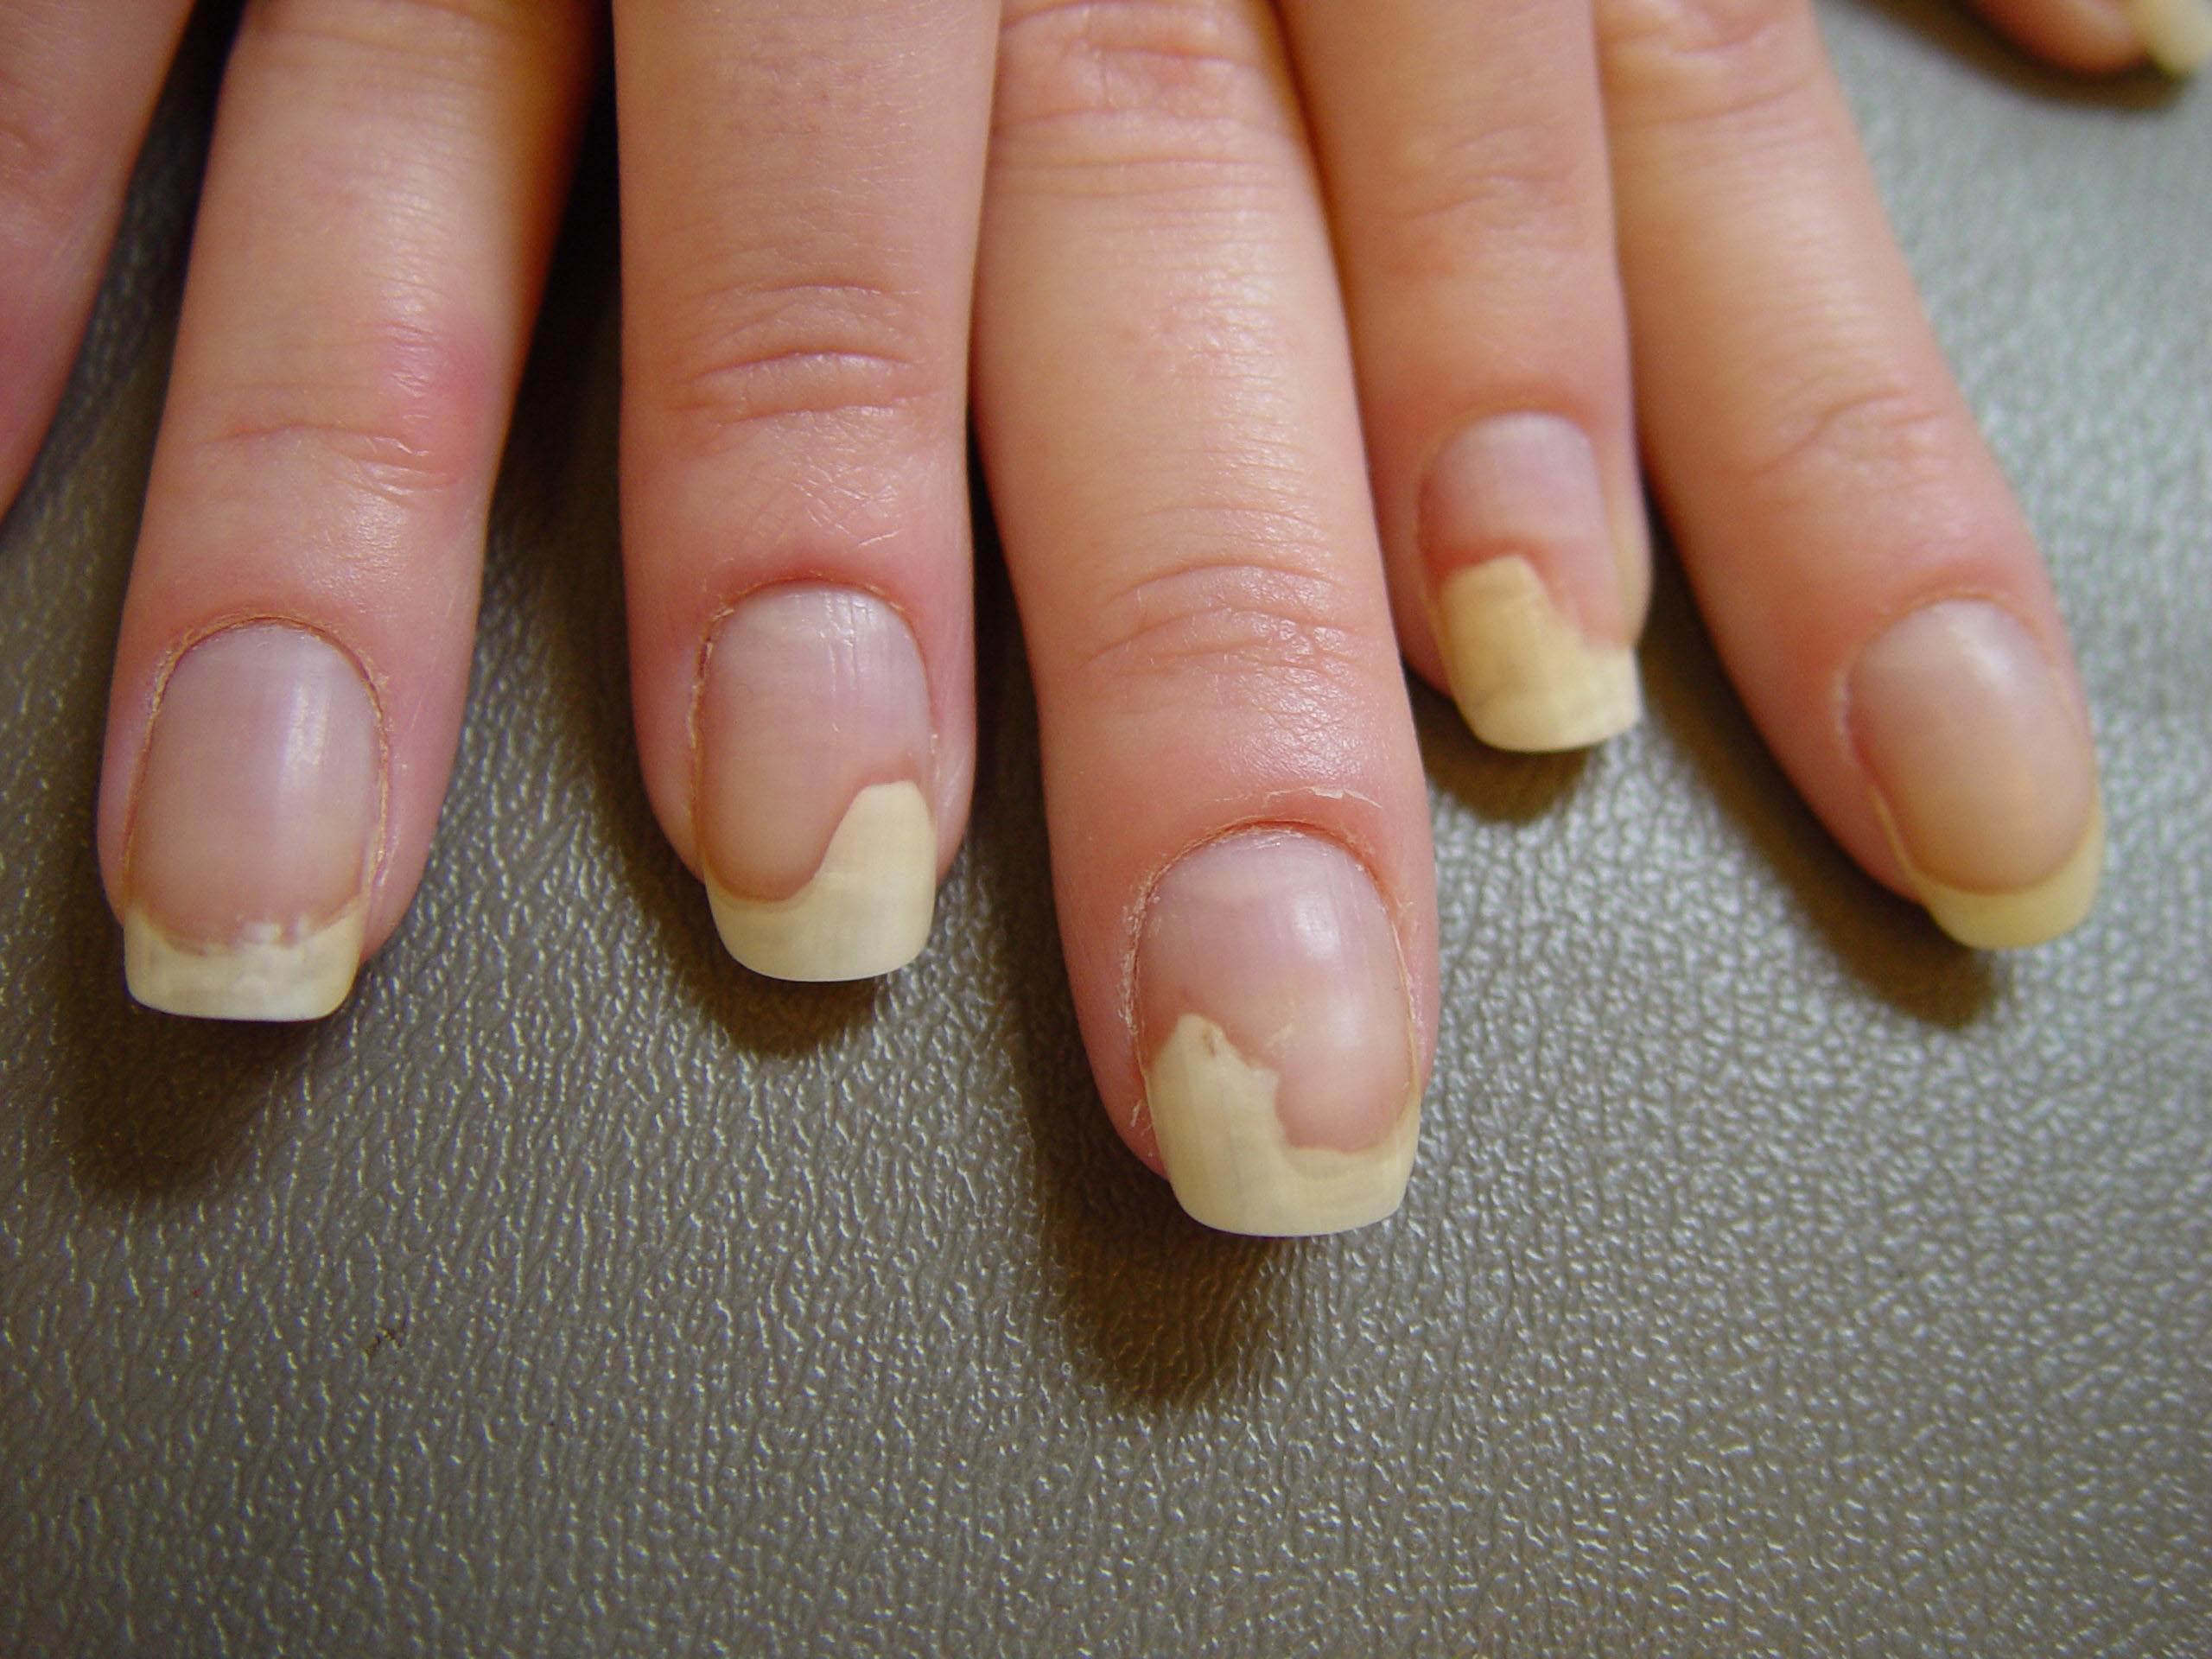 Ногти отходят от кожи на руках причины